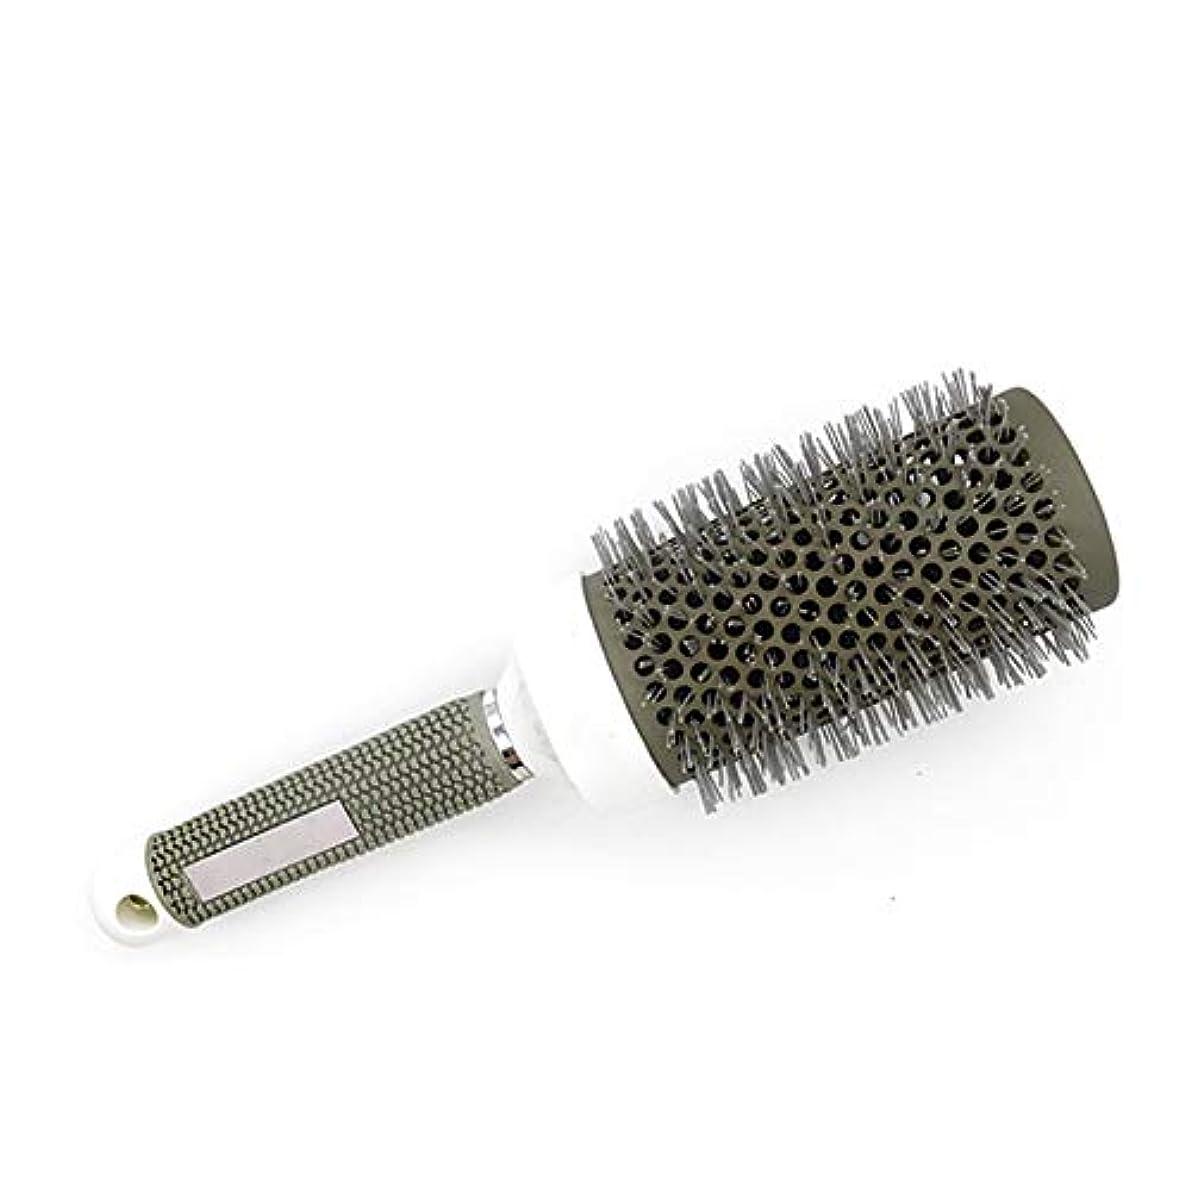 チェリー曲線悪化させる丸いブラシ毛の櫛セラミック円筒アルミニウムローラーチューブ53ミリメートル美容ヘアドライヤー